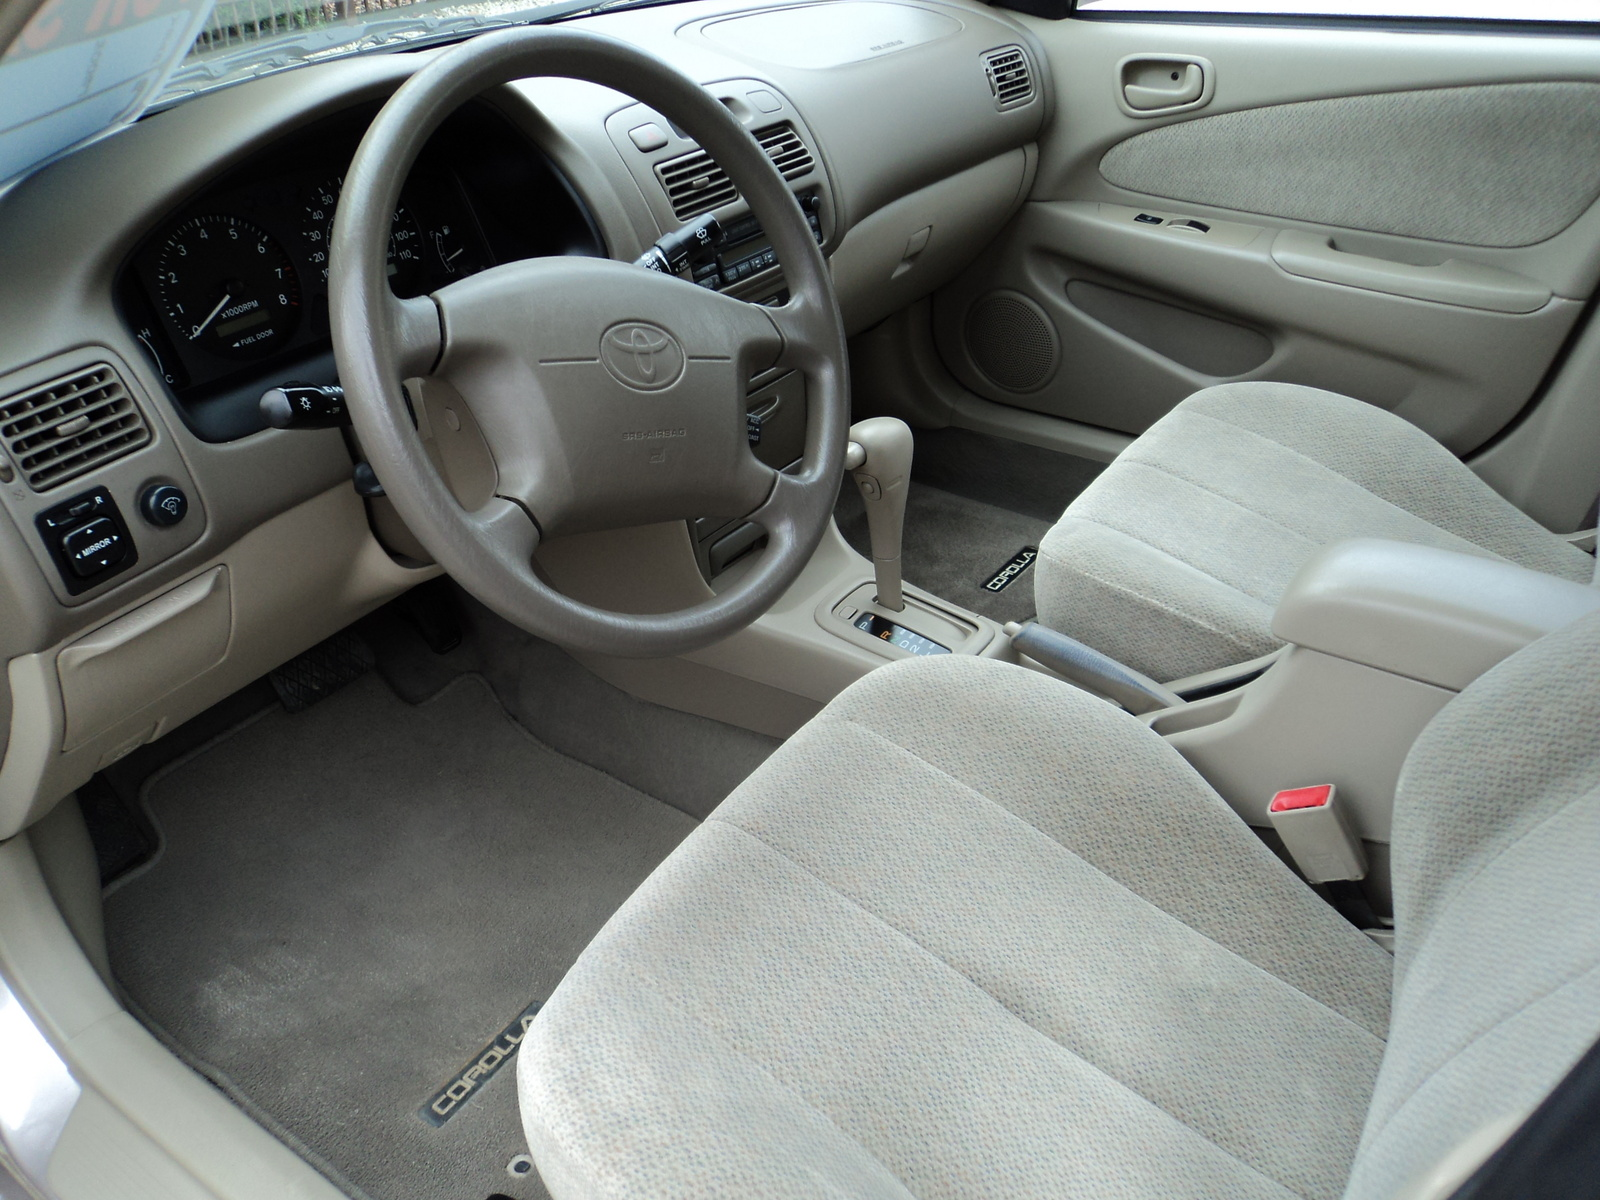 2001 toyota corolla interior pictures cargurus for Interior toyota corolla